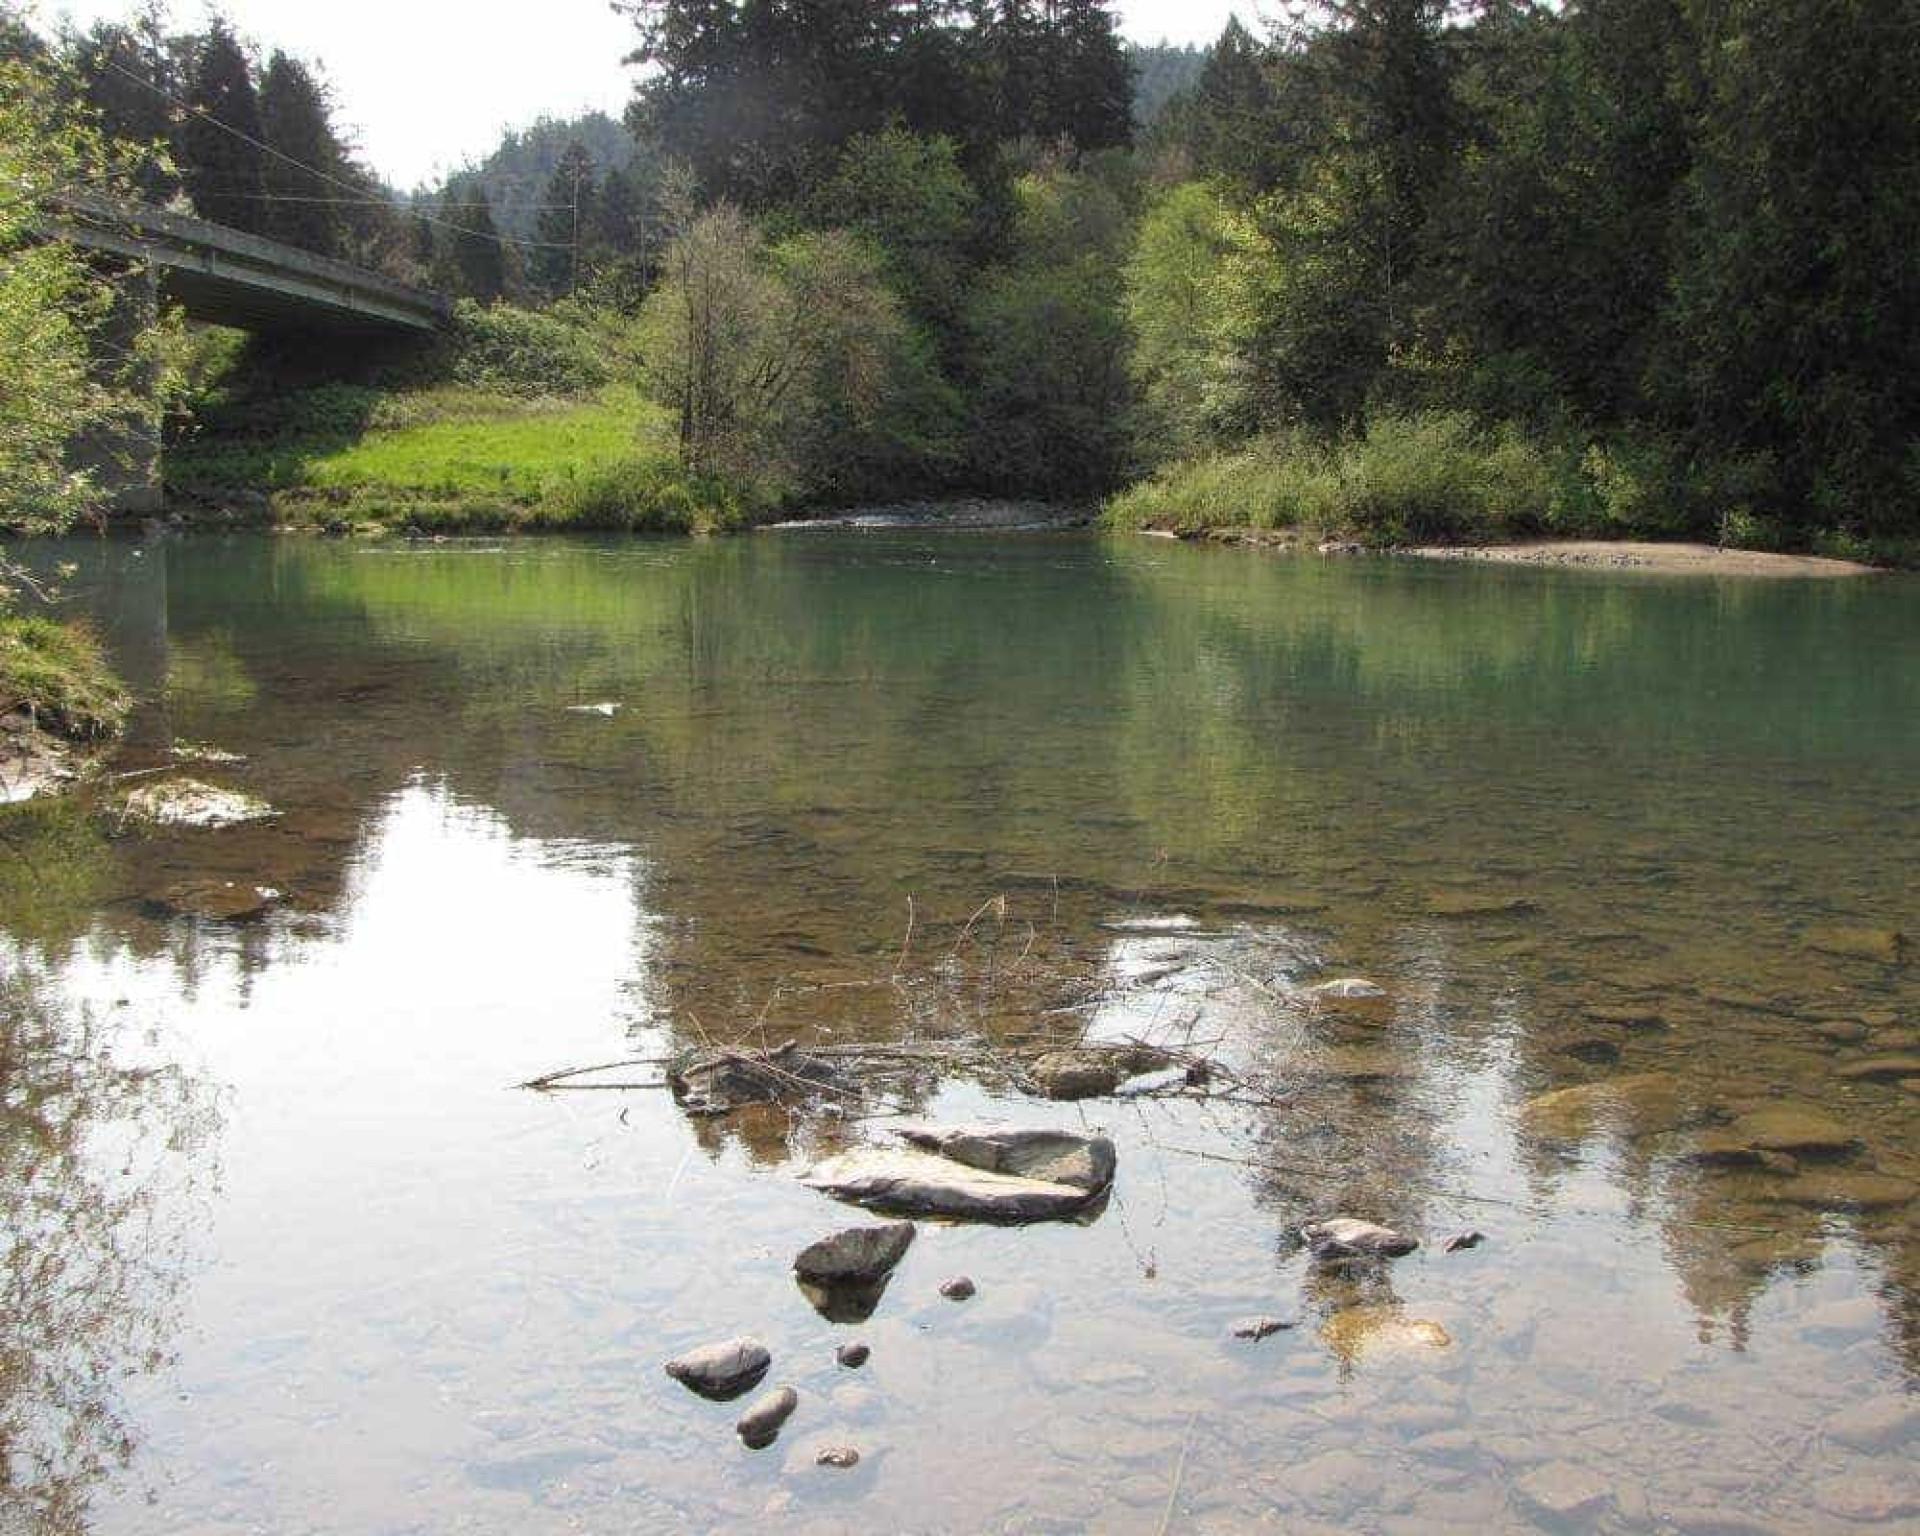 Este 'paraíso perdido' está à venda. O rio e a escola estão incluídos